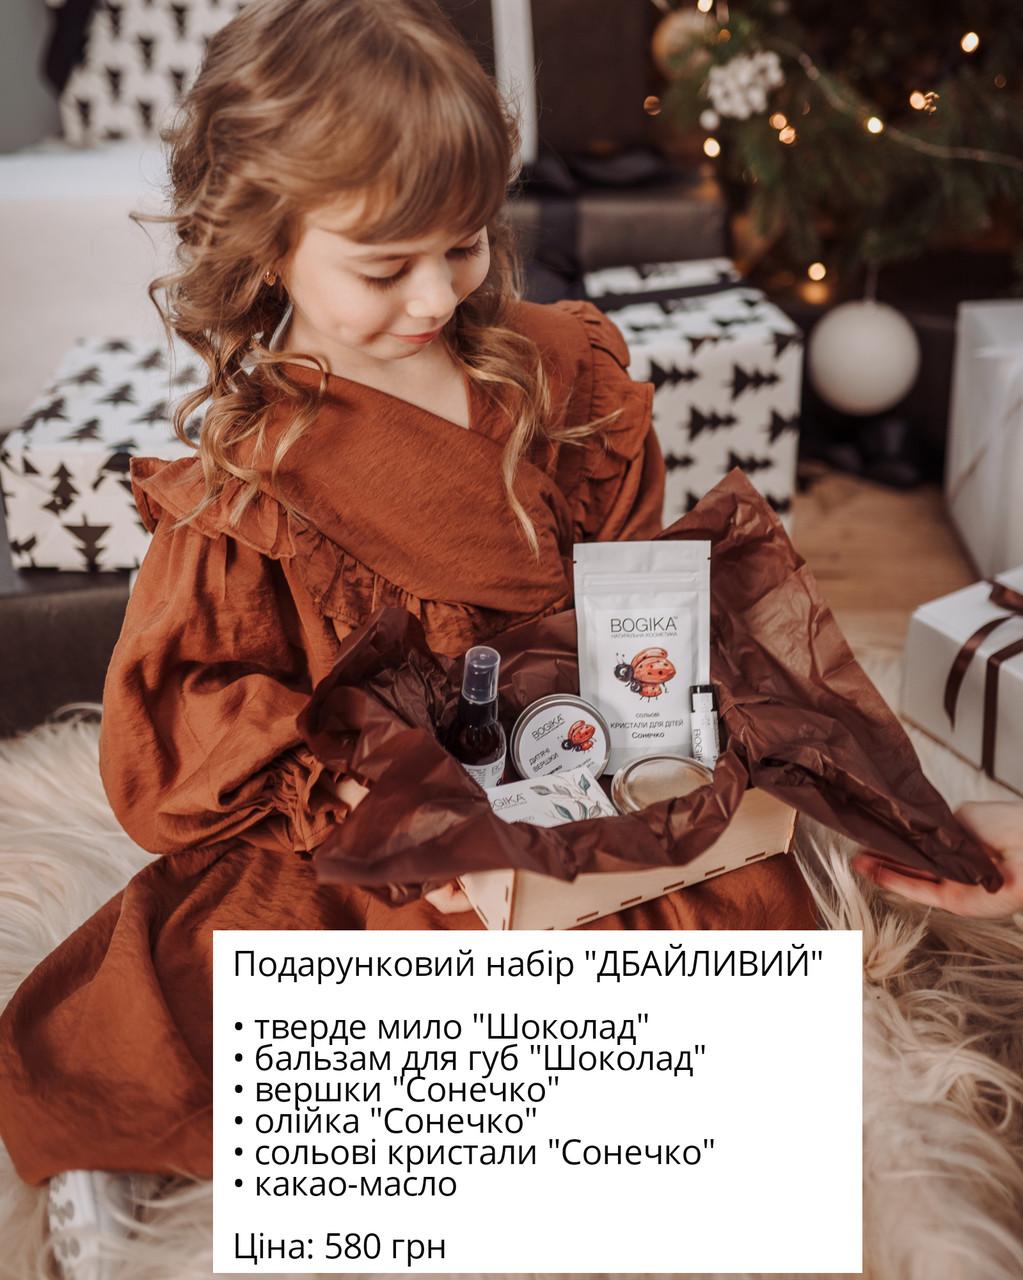 """Подарунковий набір для дітей """"Дбайливий"""" BOGIKA"""